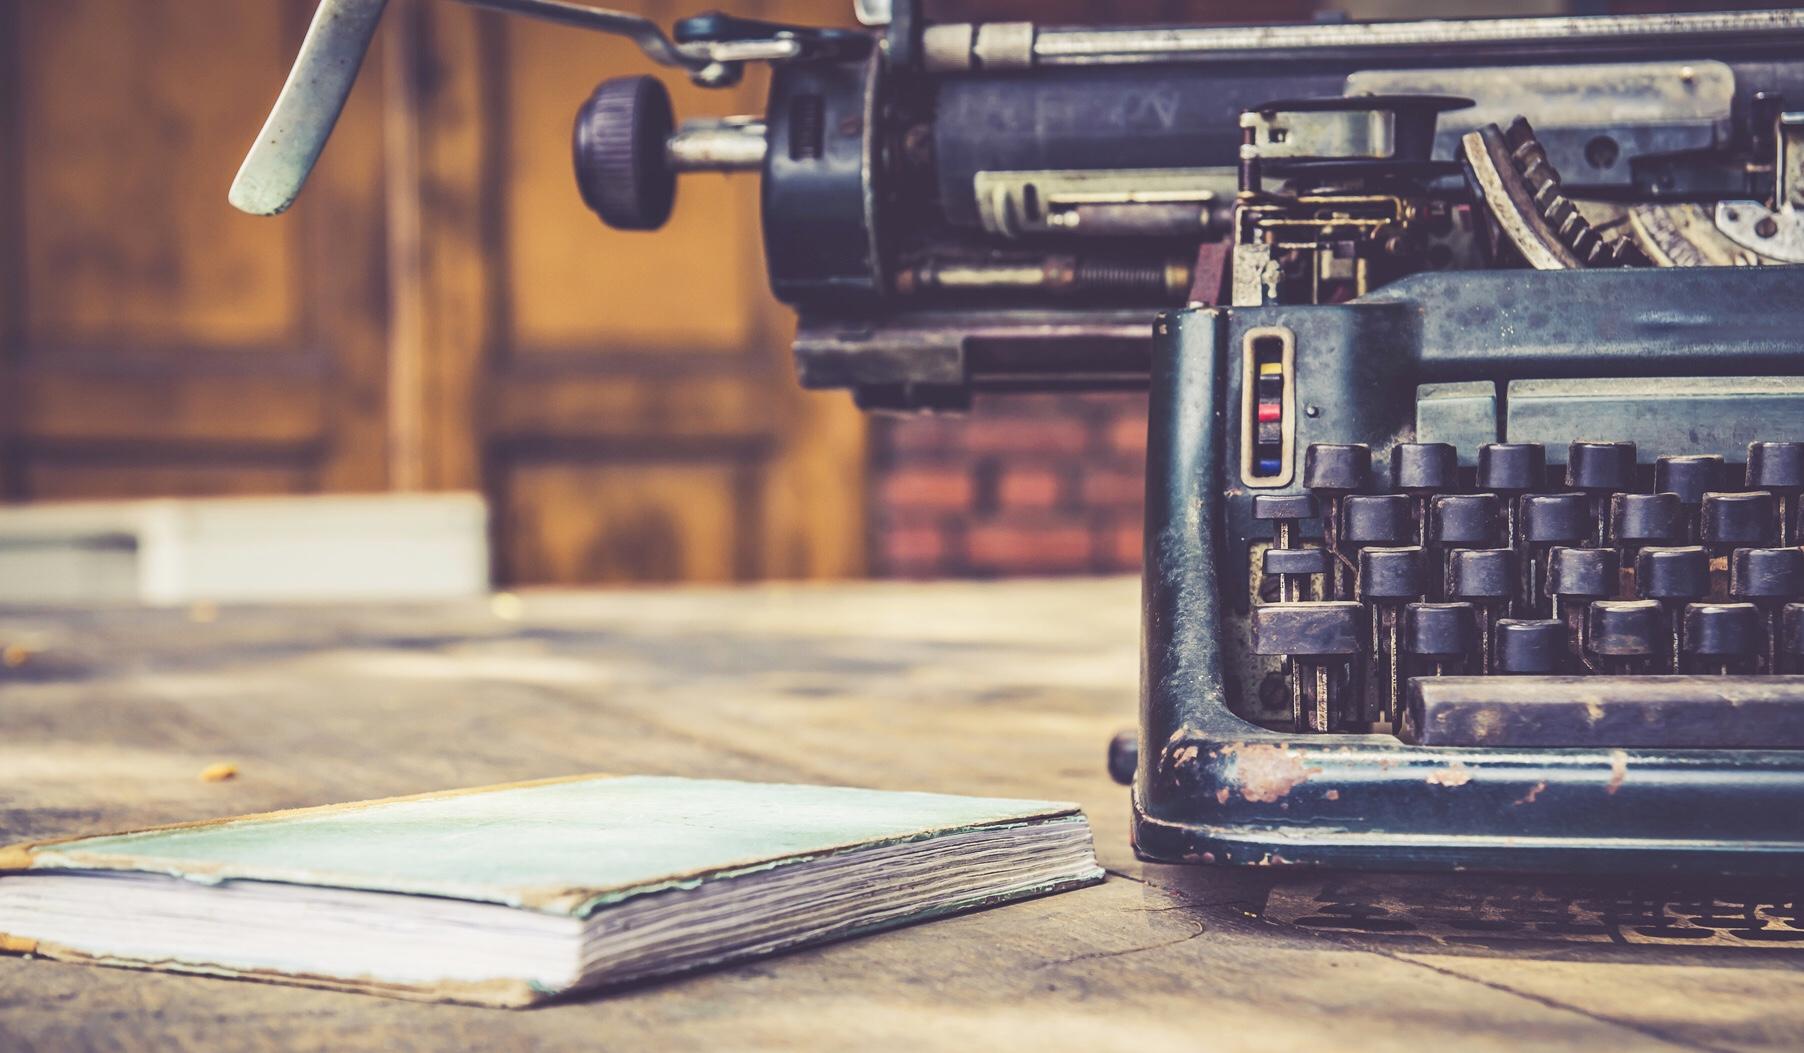 Şair Ahmet Erdem yazısı için daktilo ve defterden oluşan kapak fotoğrafı